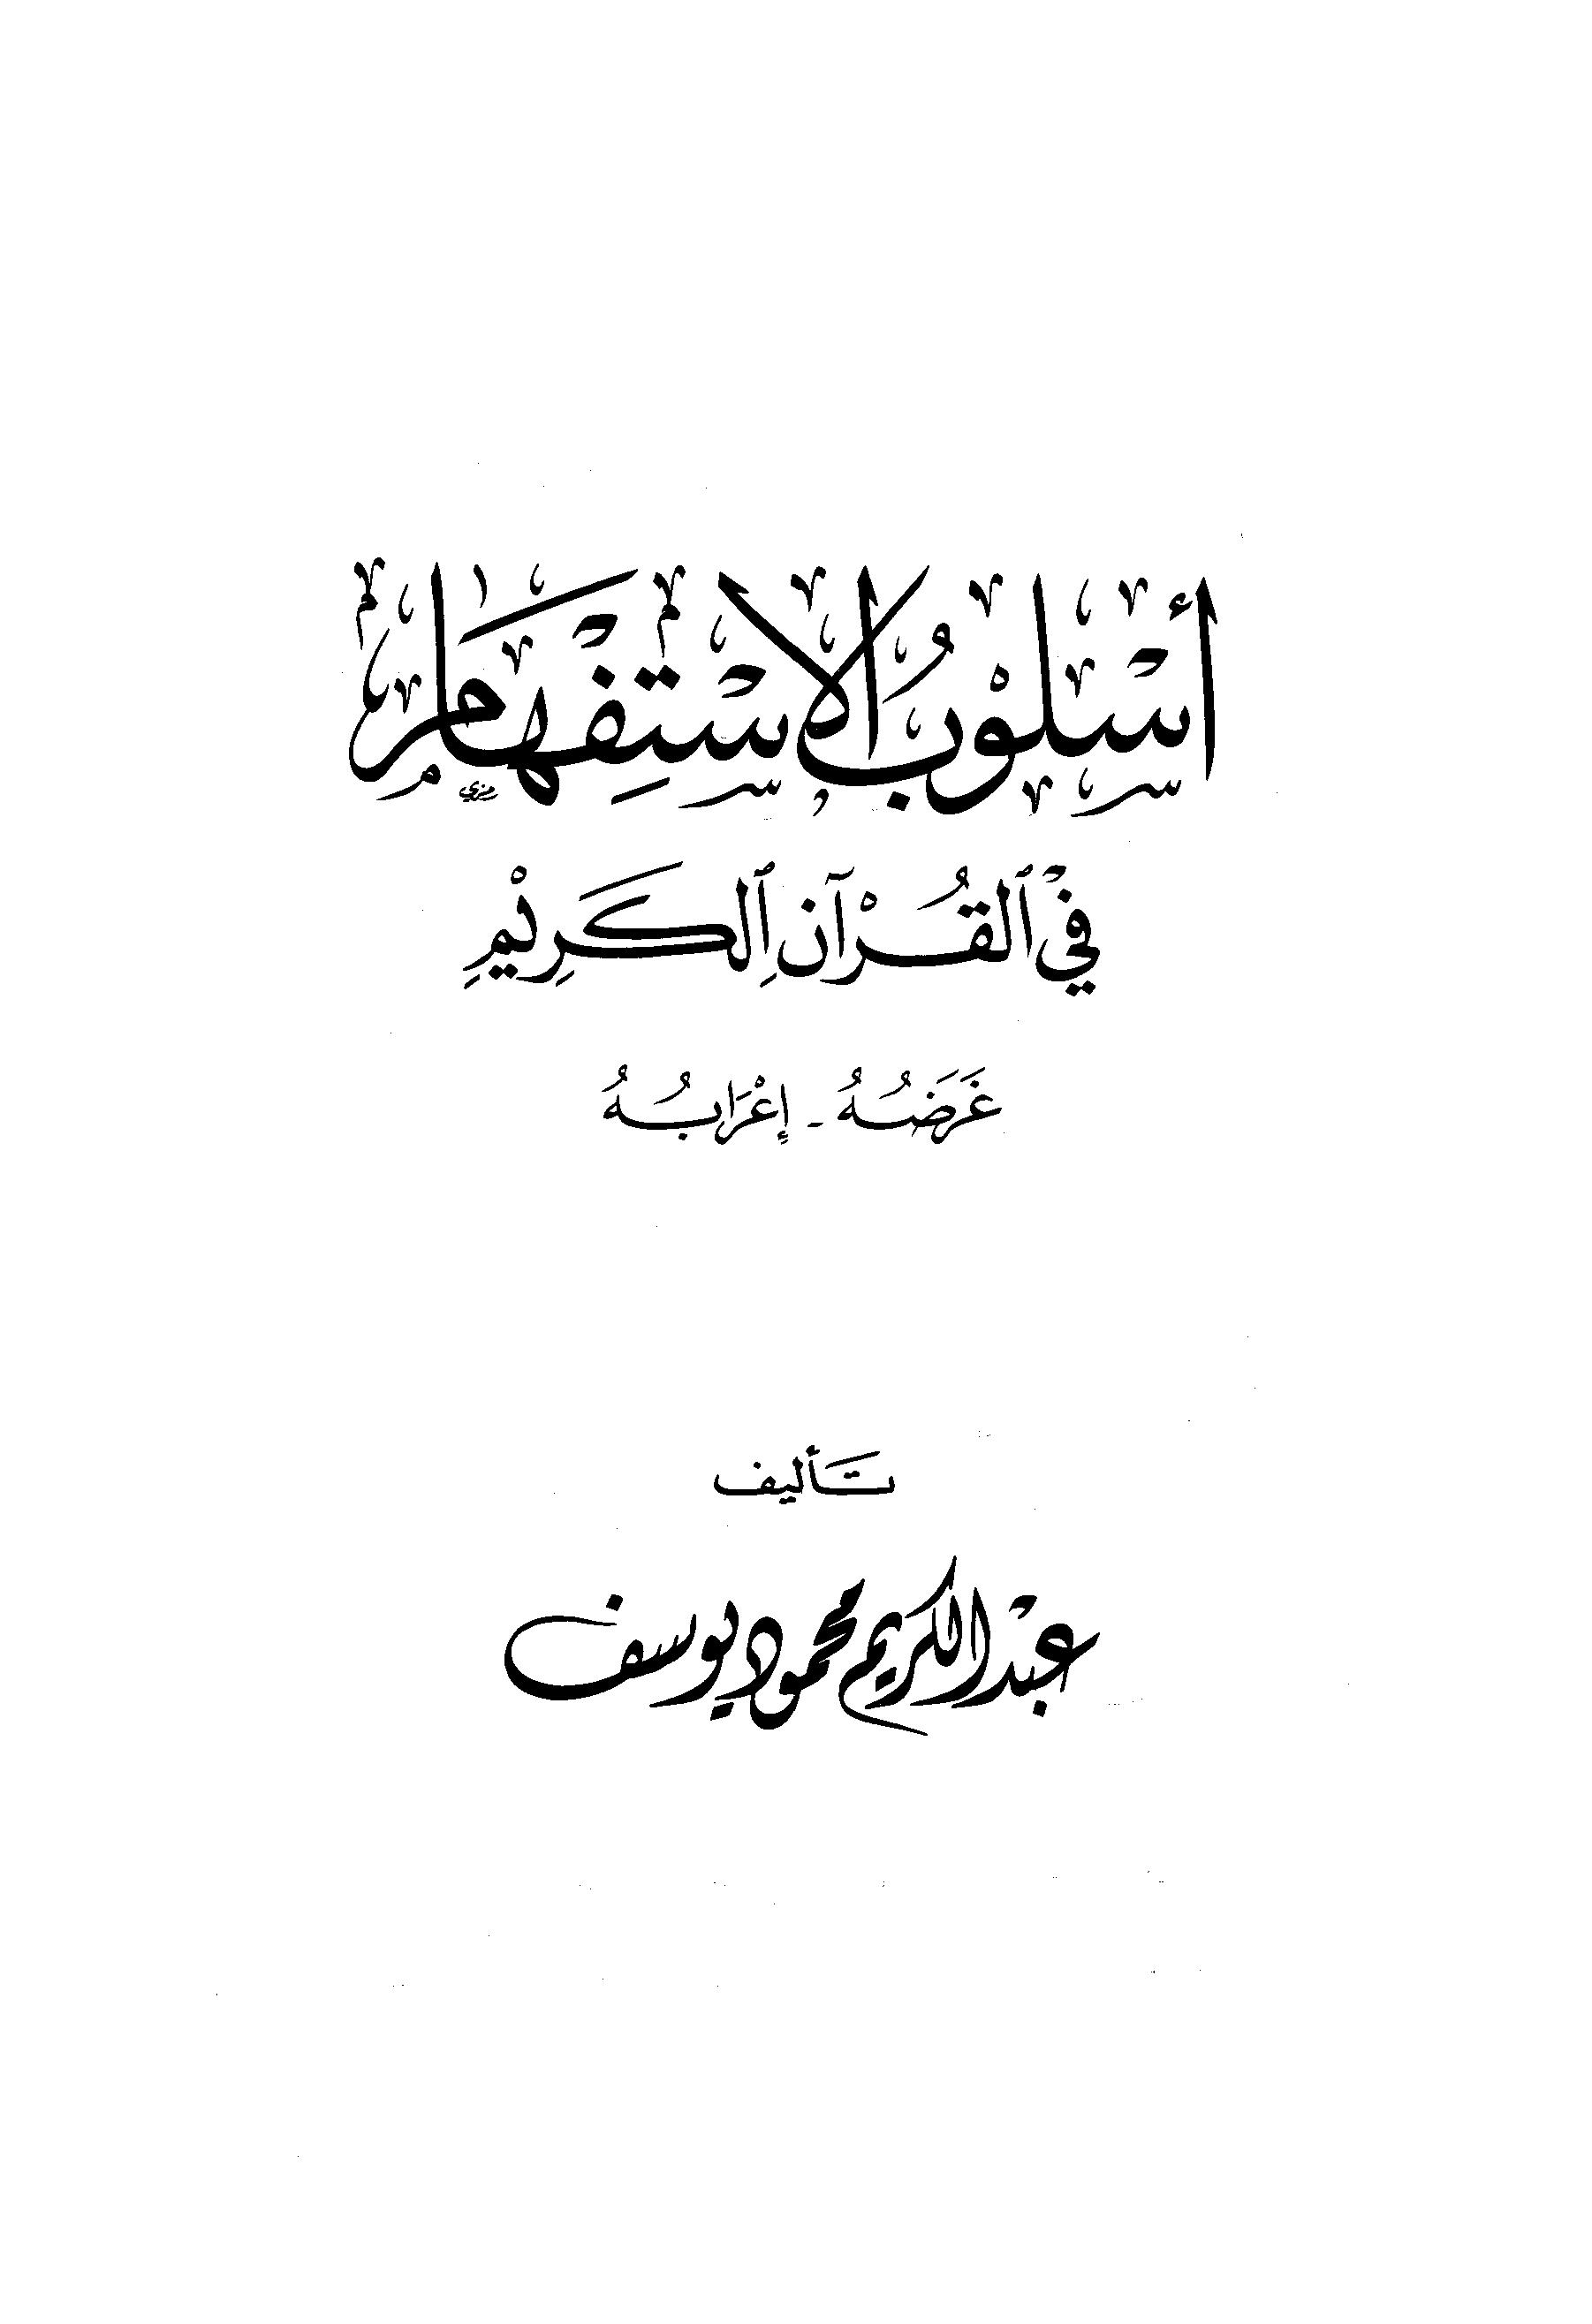 تحميل كتاب أسلوب الاستفهام في القرآن الكريم: غرضه - إعرابه لـِ: عبد الكريم محمود يوسف